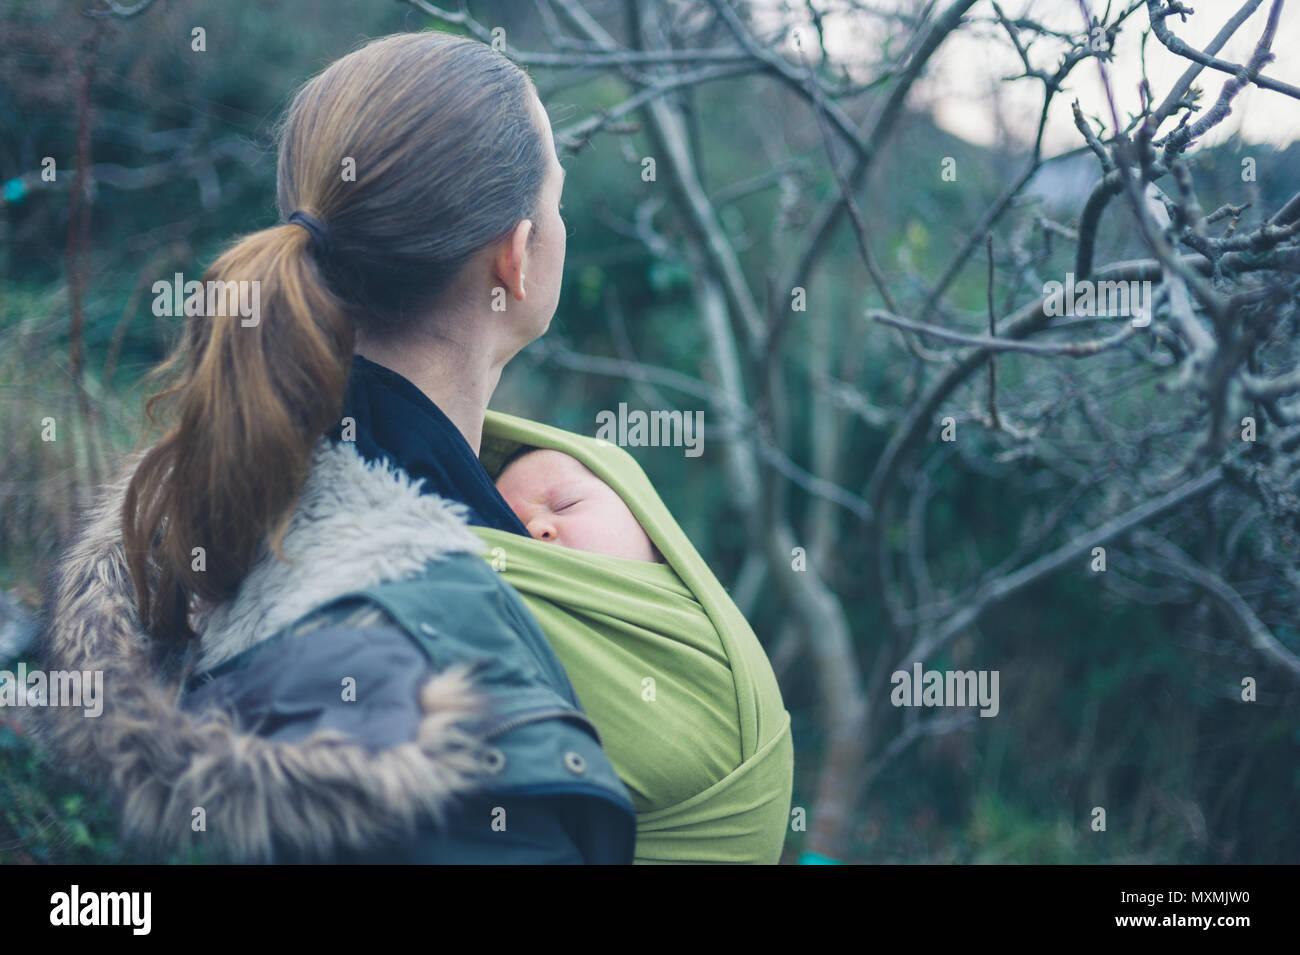 Eine junge Mutter mit ihrem Baby im Tragetuch ist Wandern in der Natur Stockbild